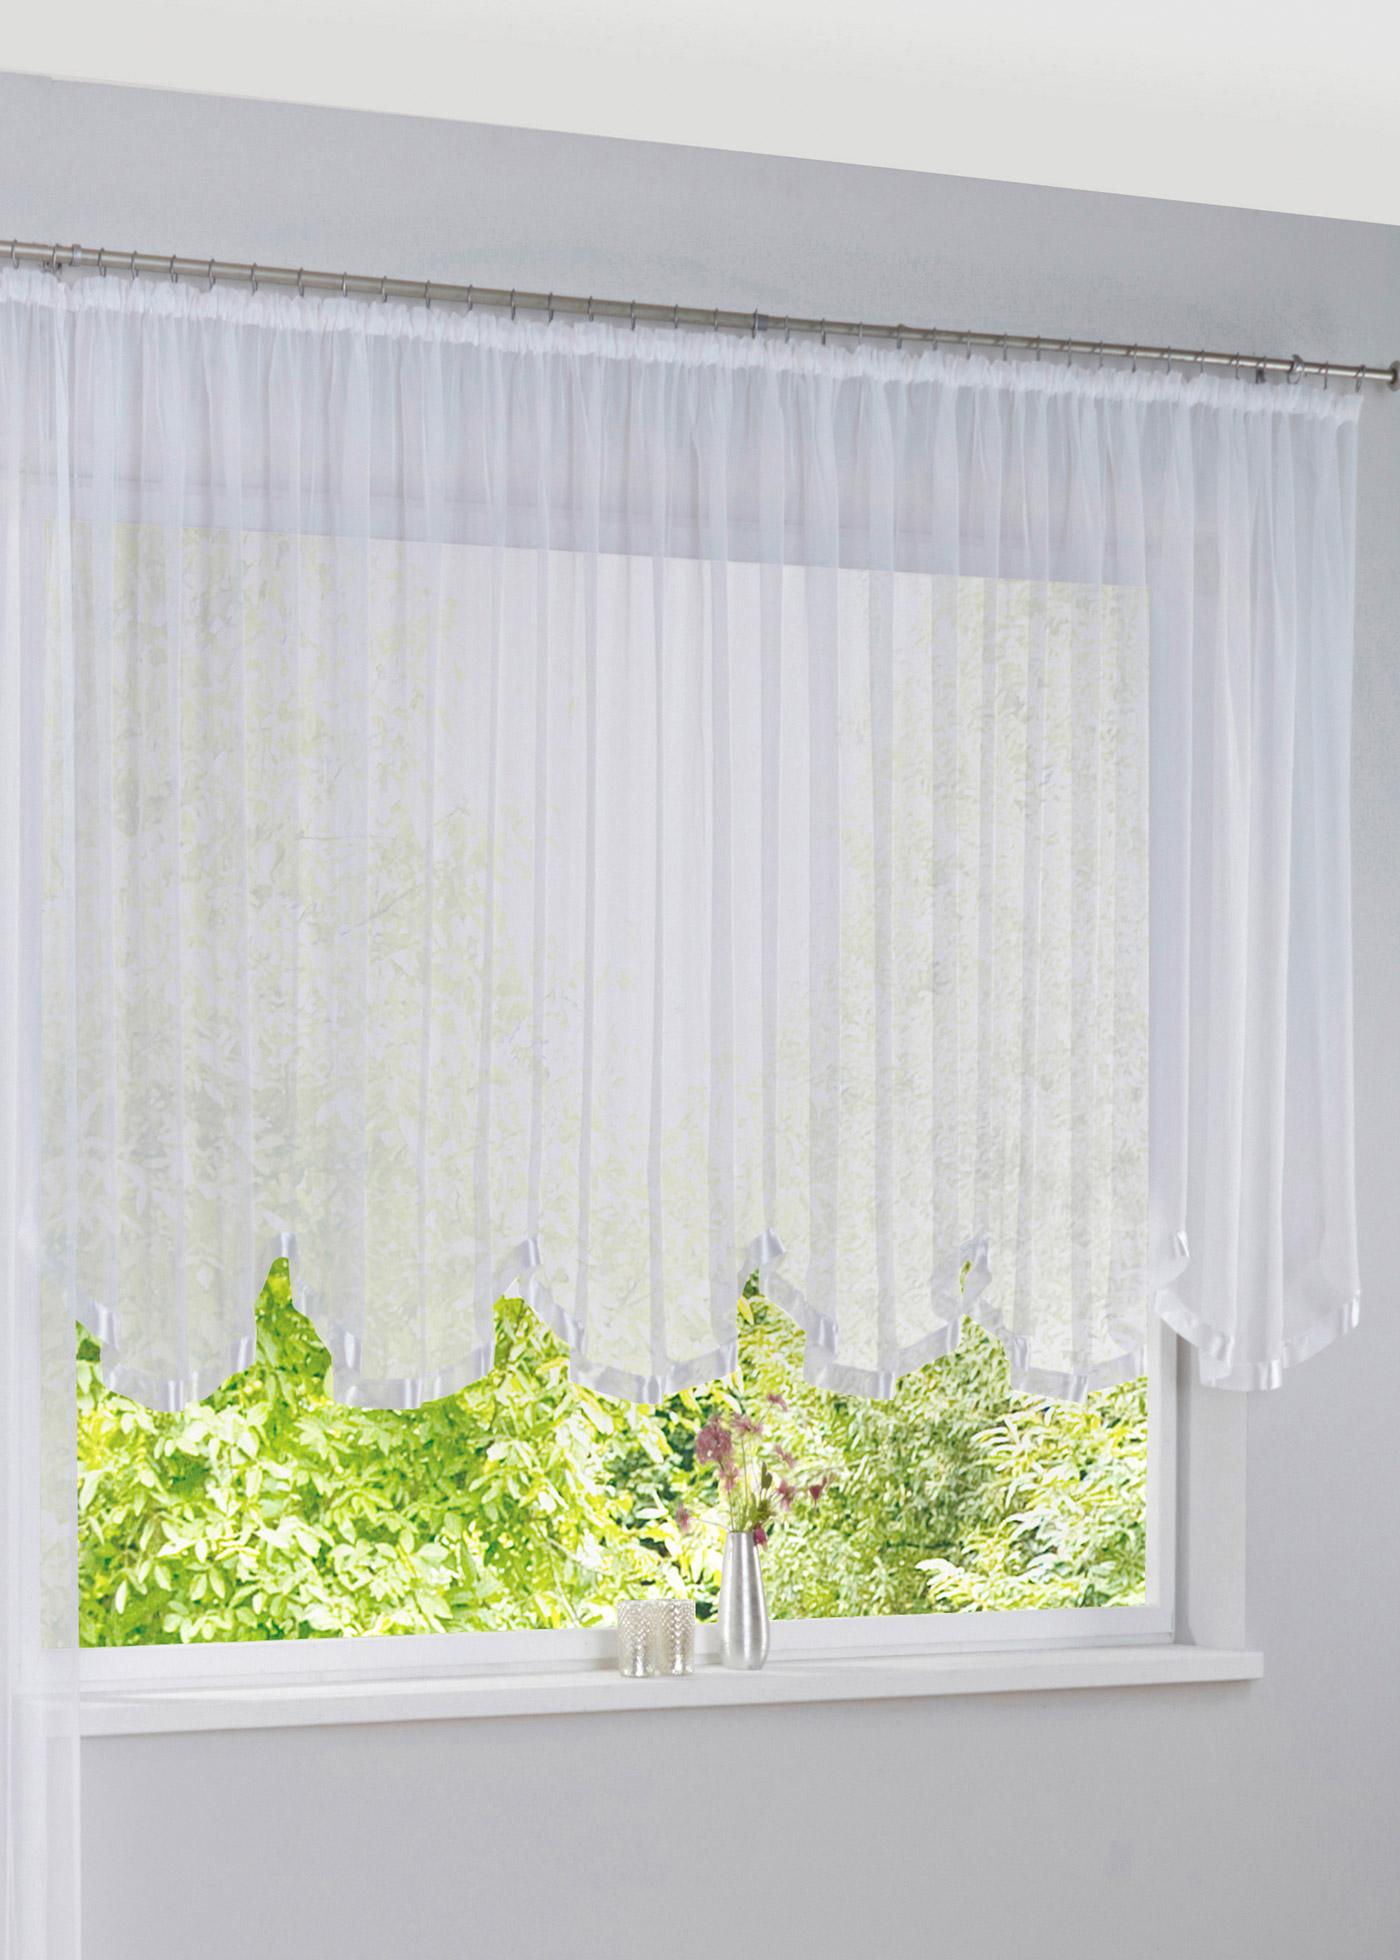 Zvlněná záclona Elly (1 ks v balení) - Bílá